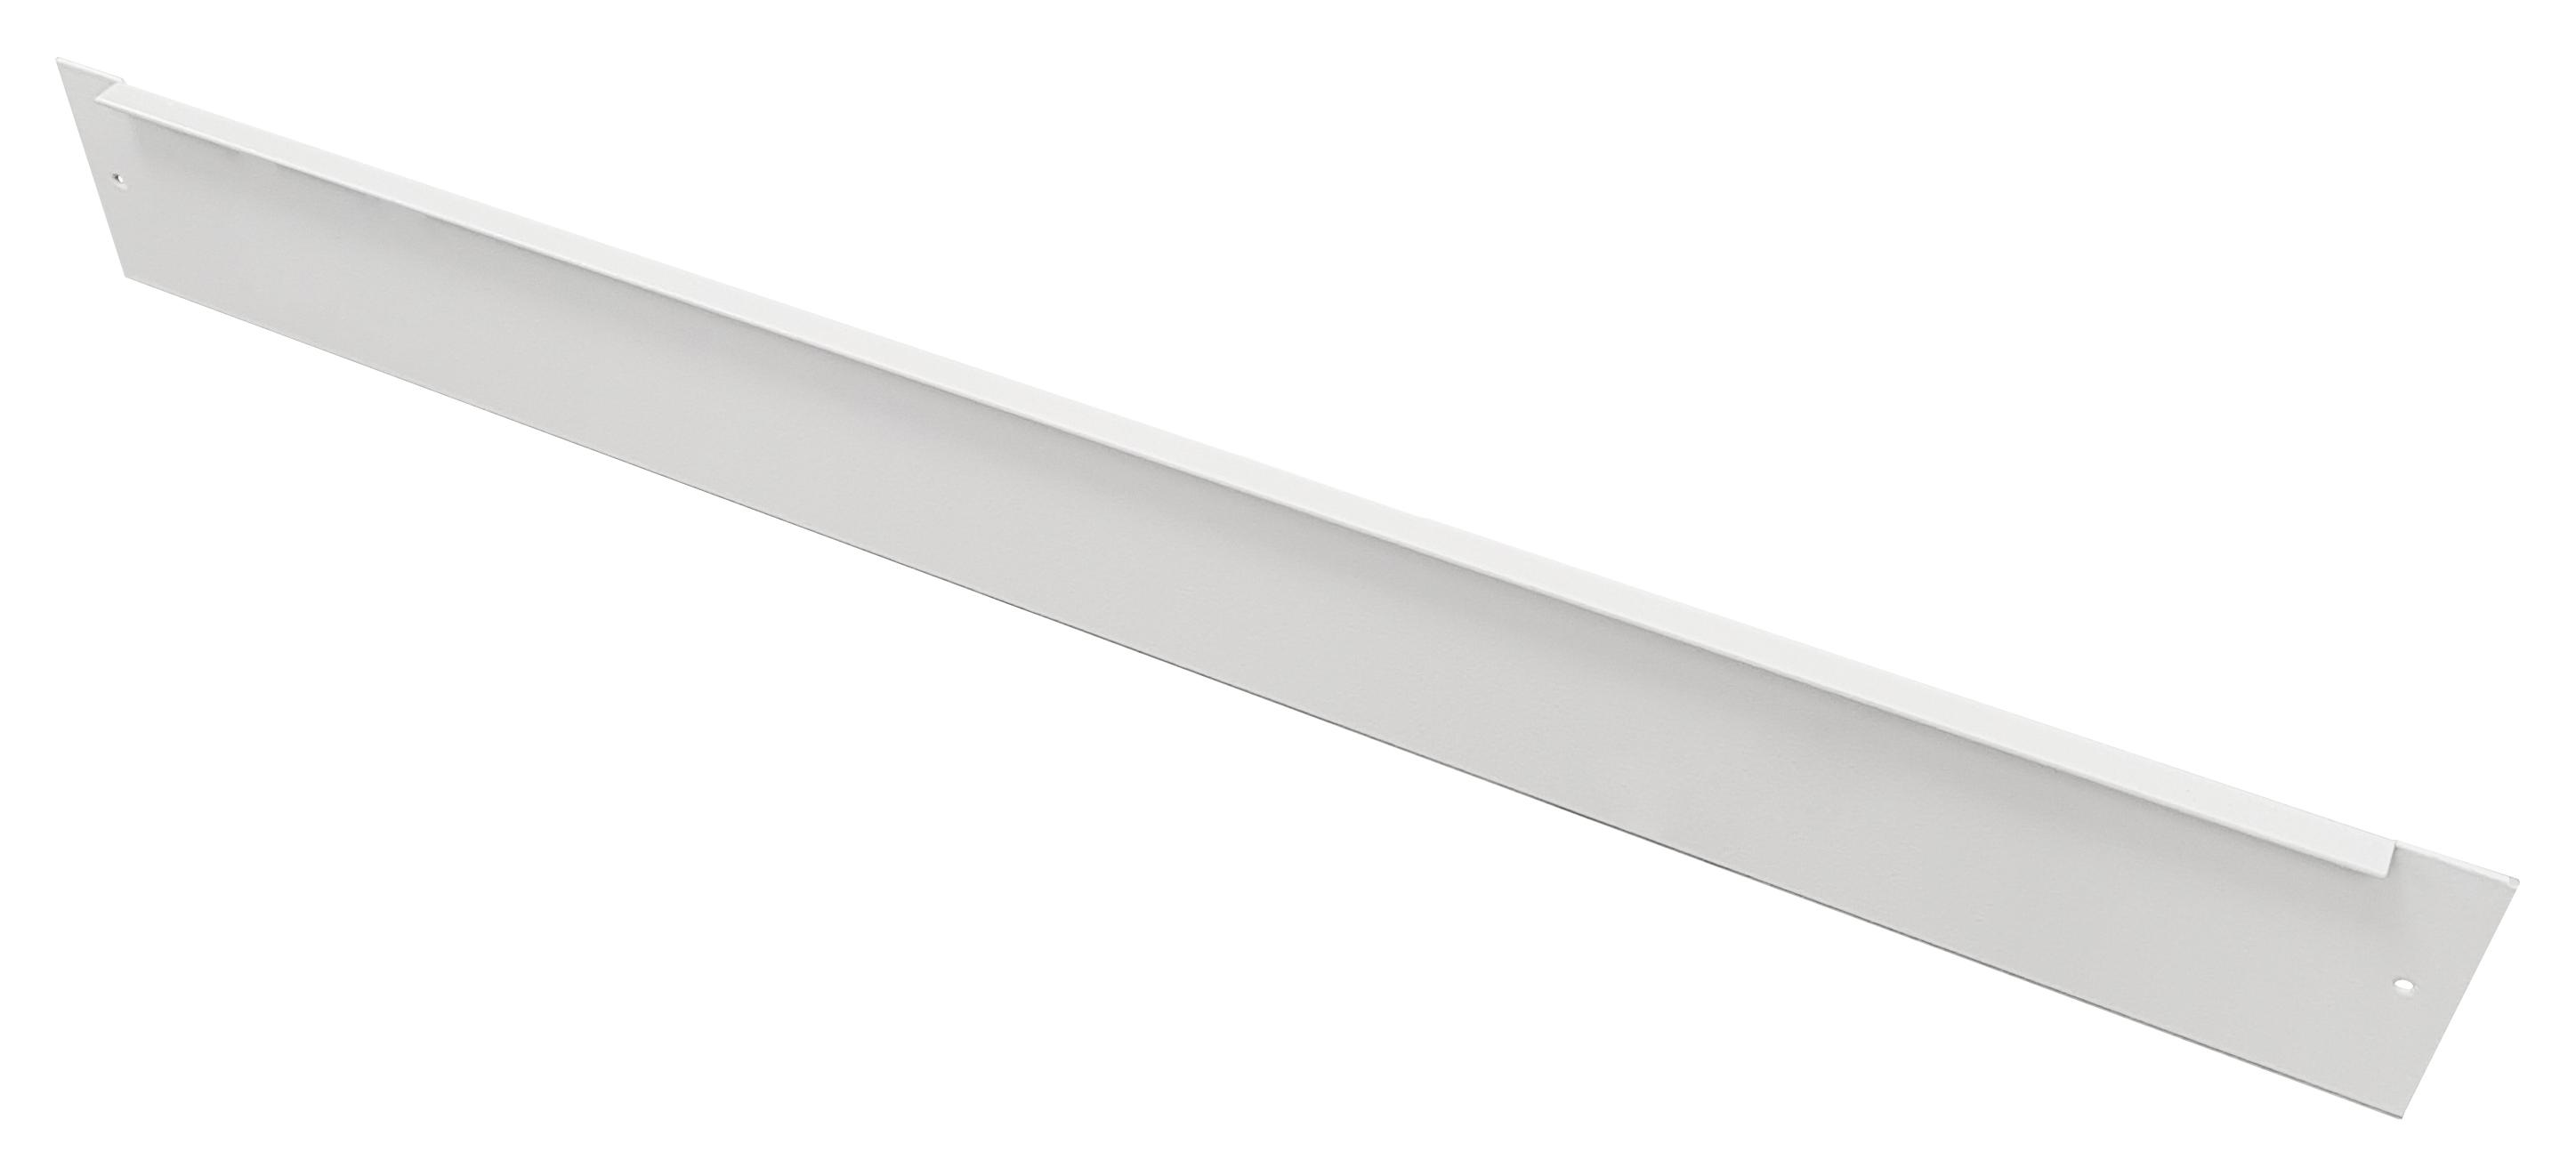 1 Stk Sockel-Frontrahmen für Maskenverteiler Breite 4 IL091040--